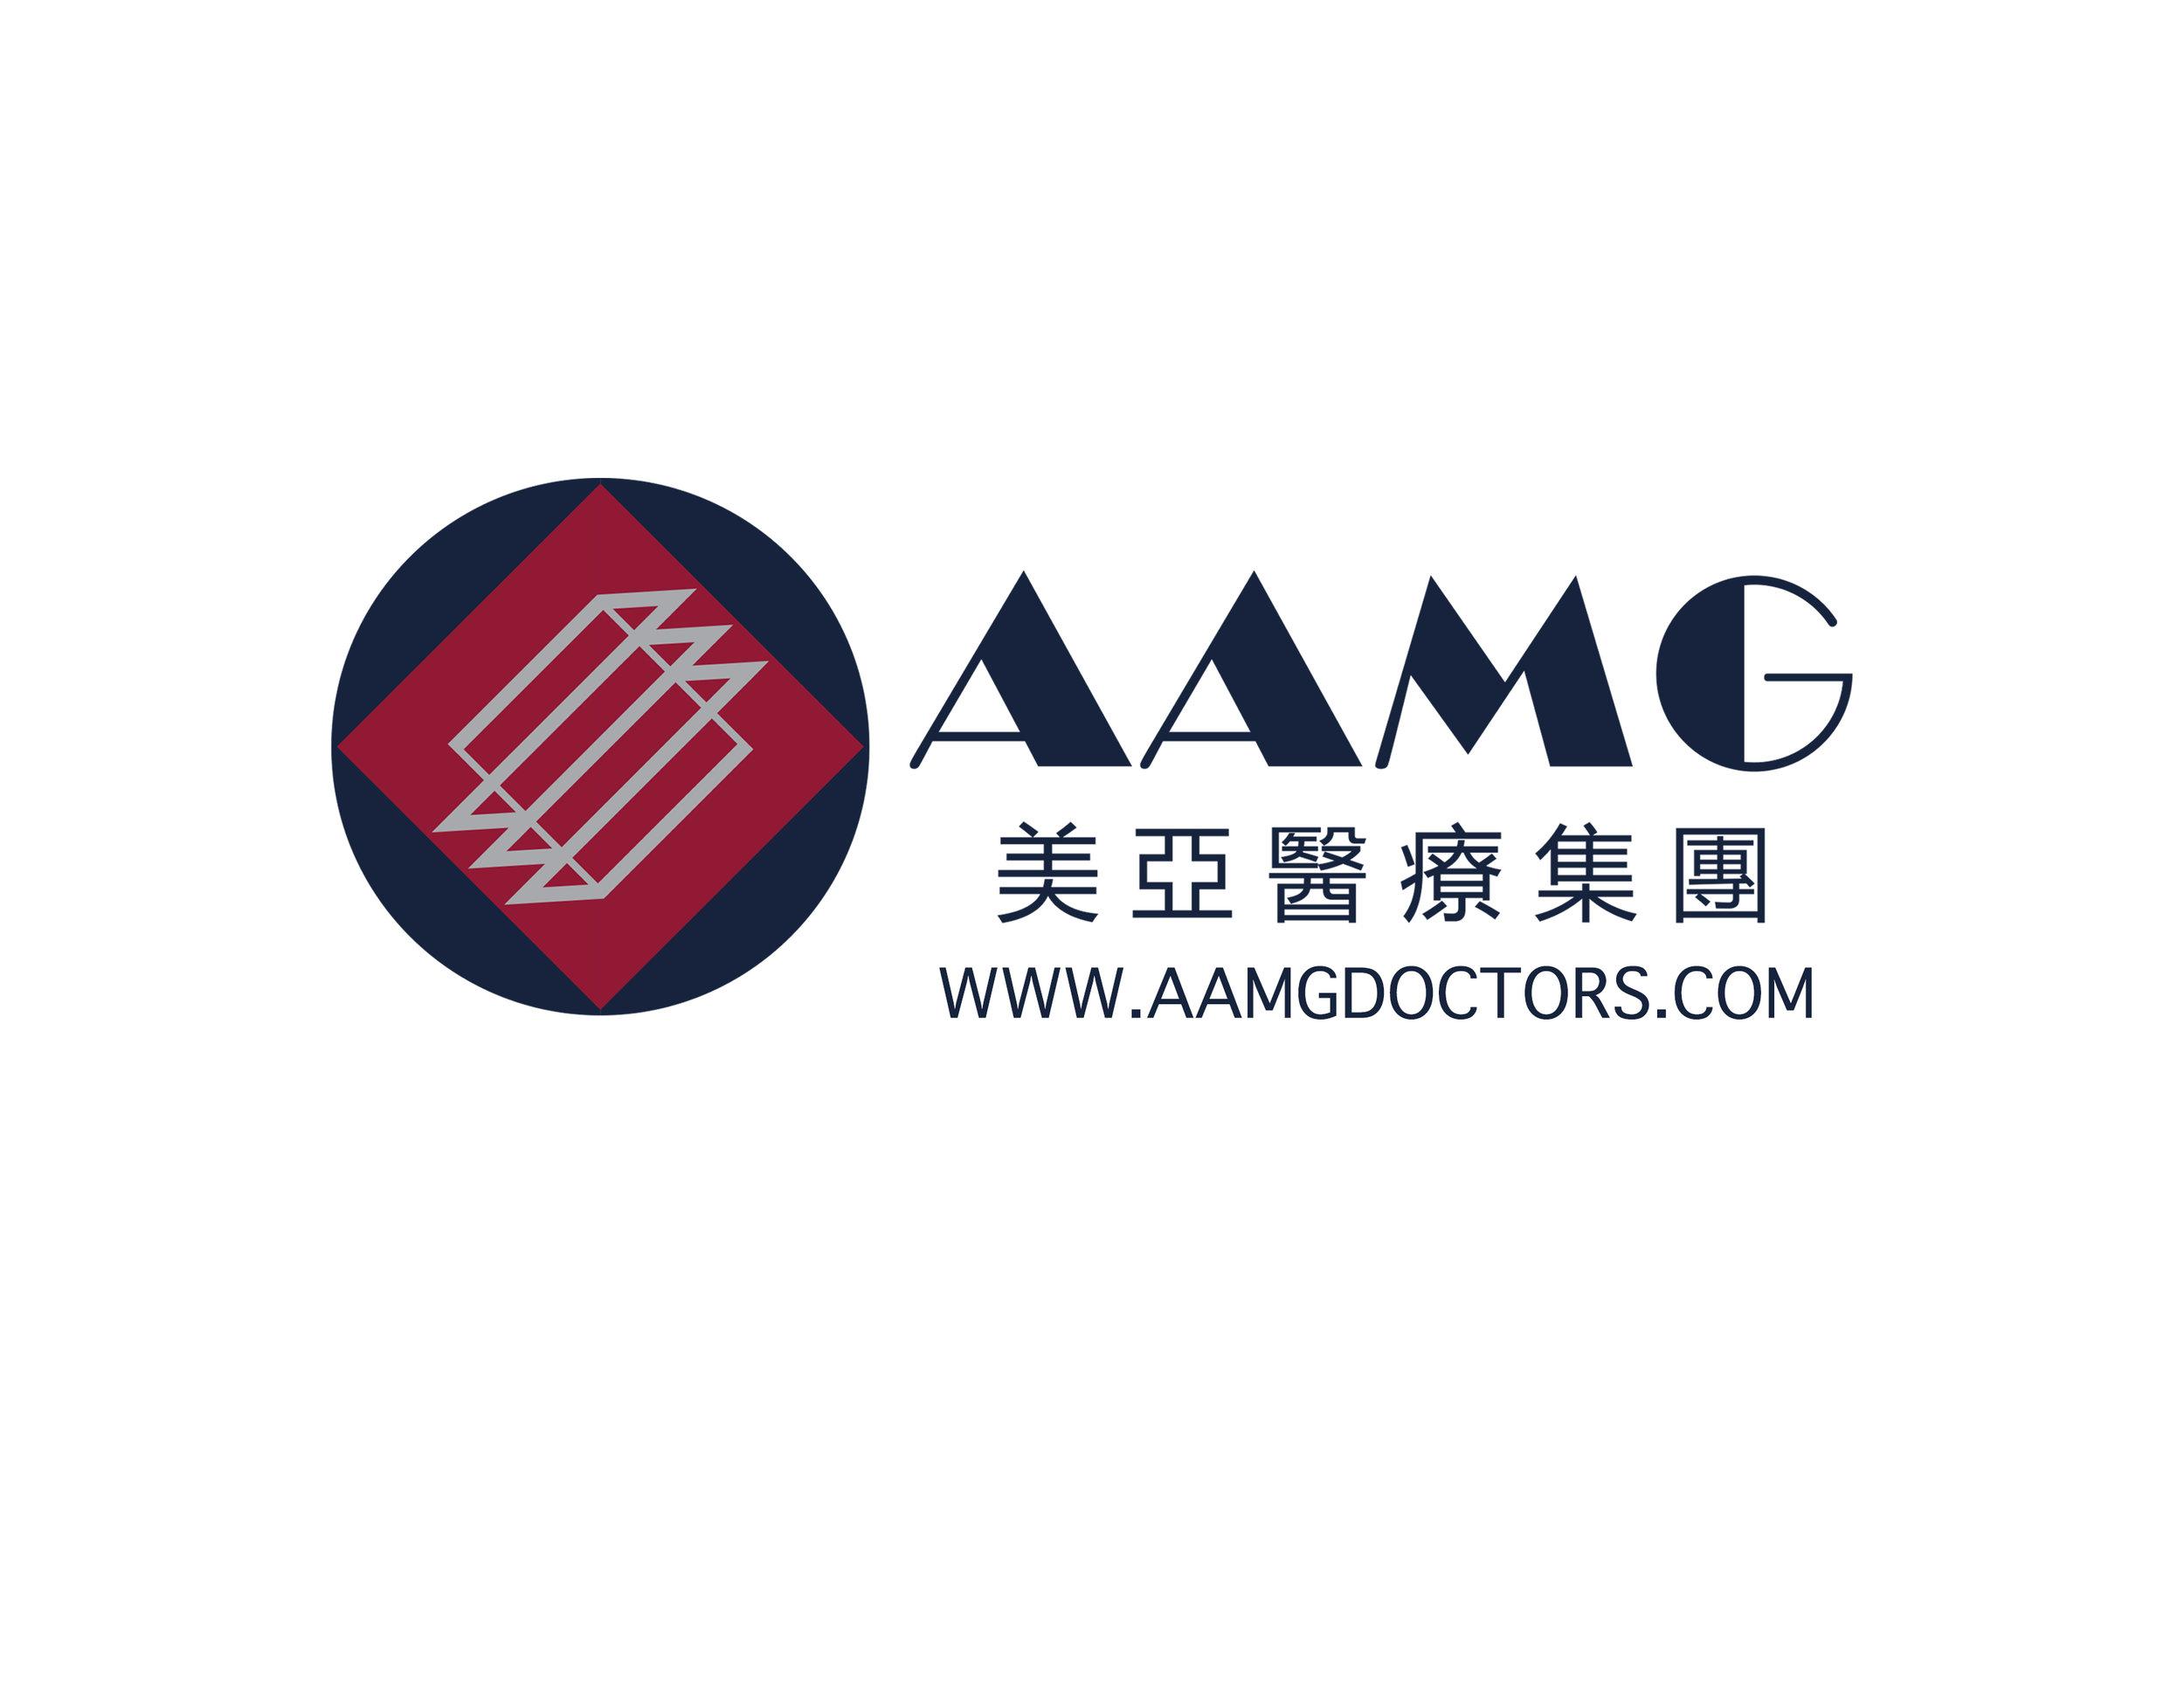 AAMG Chinese Doctors.jpg